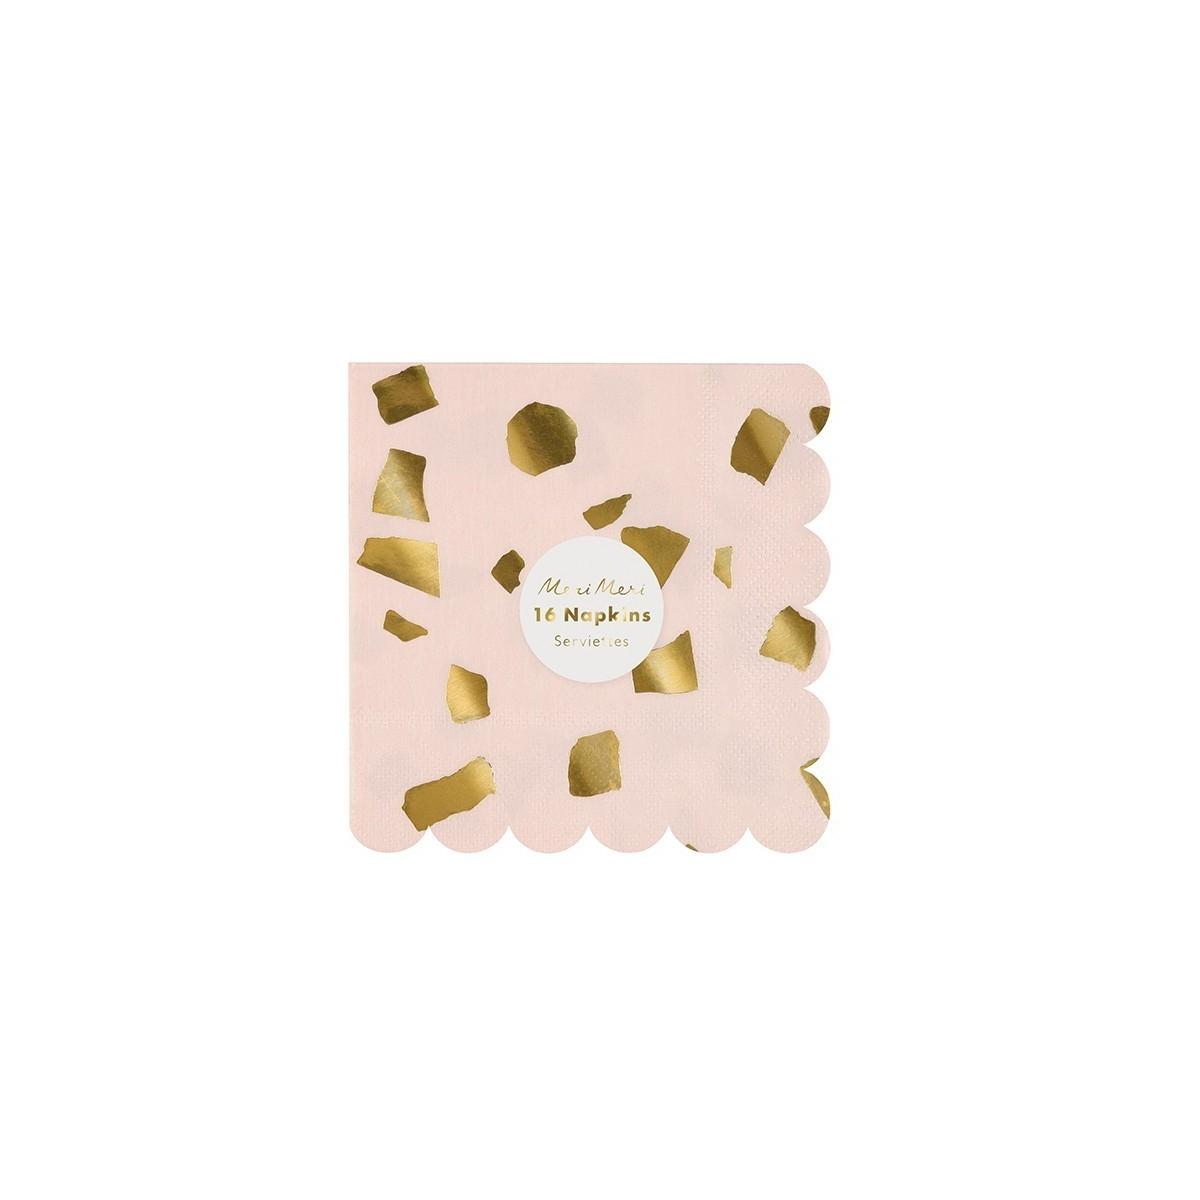 Serviettes de table PM confettis rose